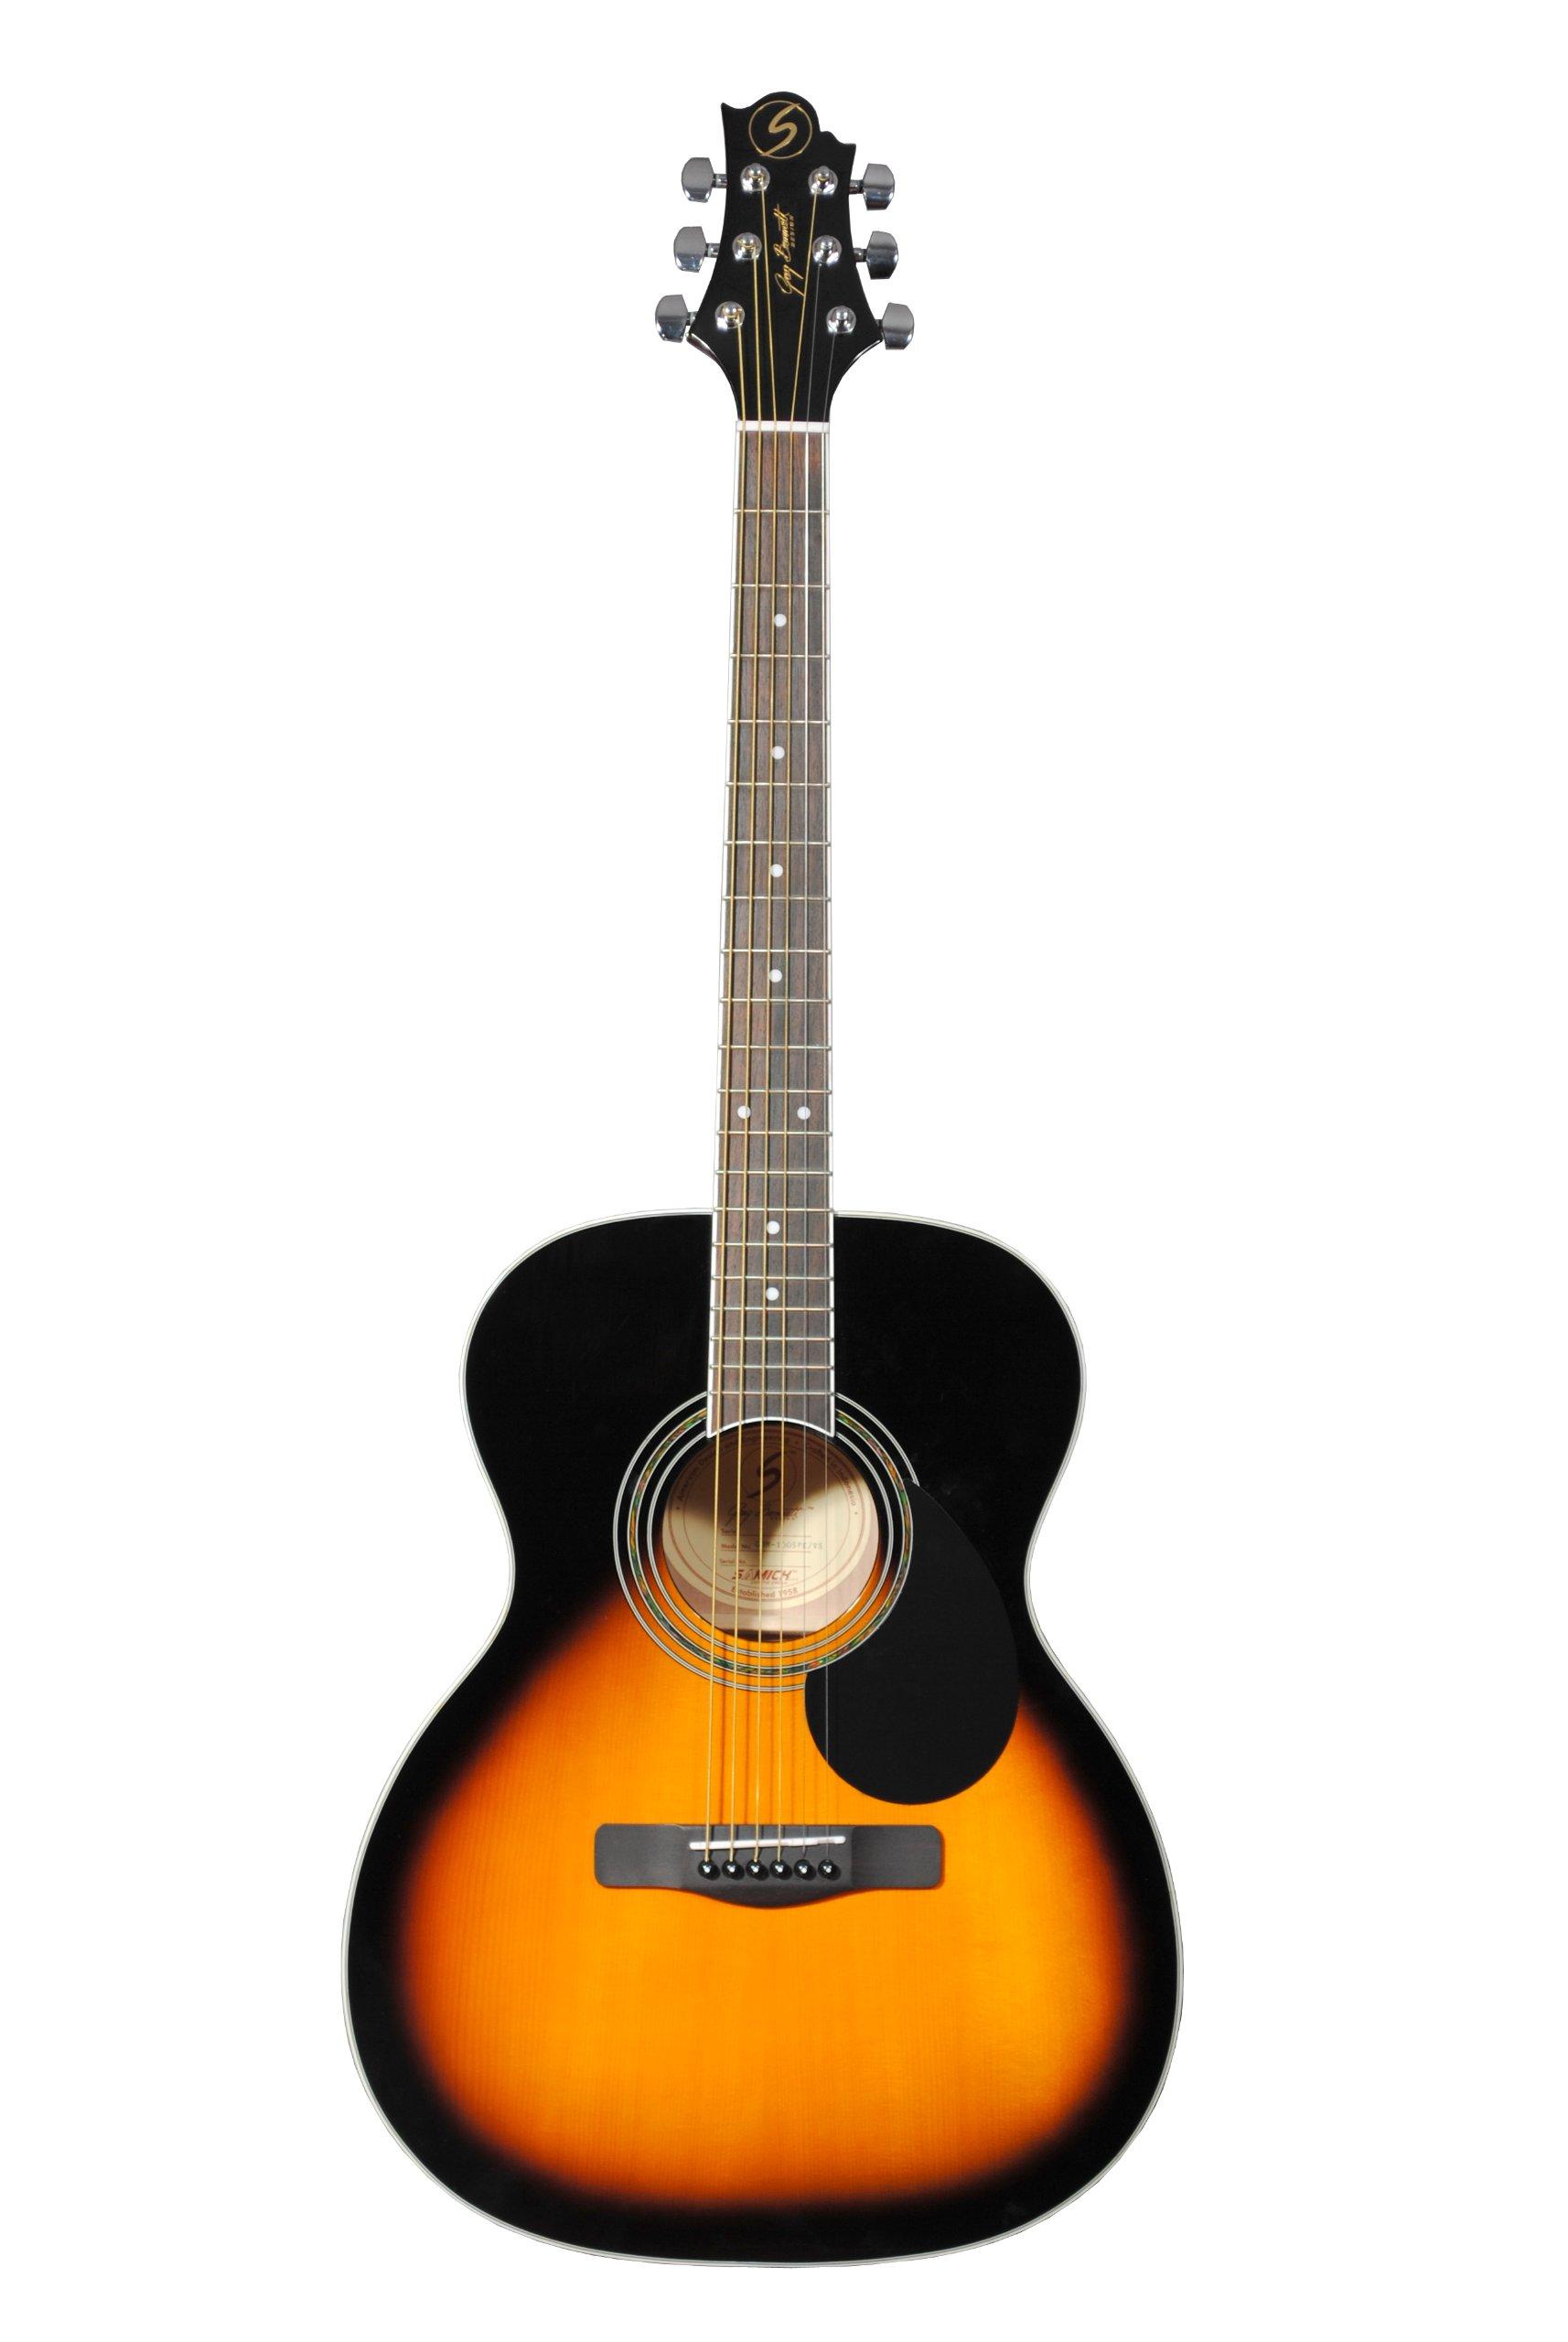 Samick Greg Bennett Design GD100S Acoustic Guitar, Vintage Sunburst by Samick